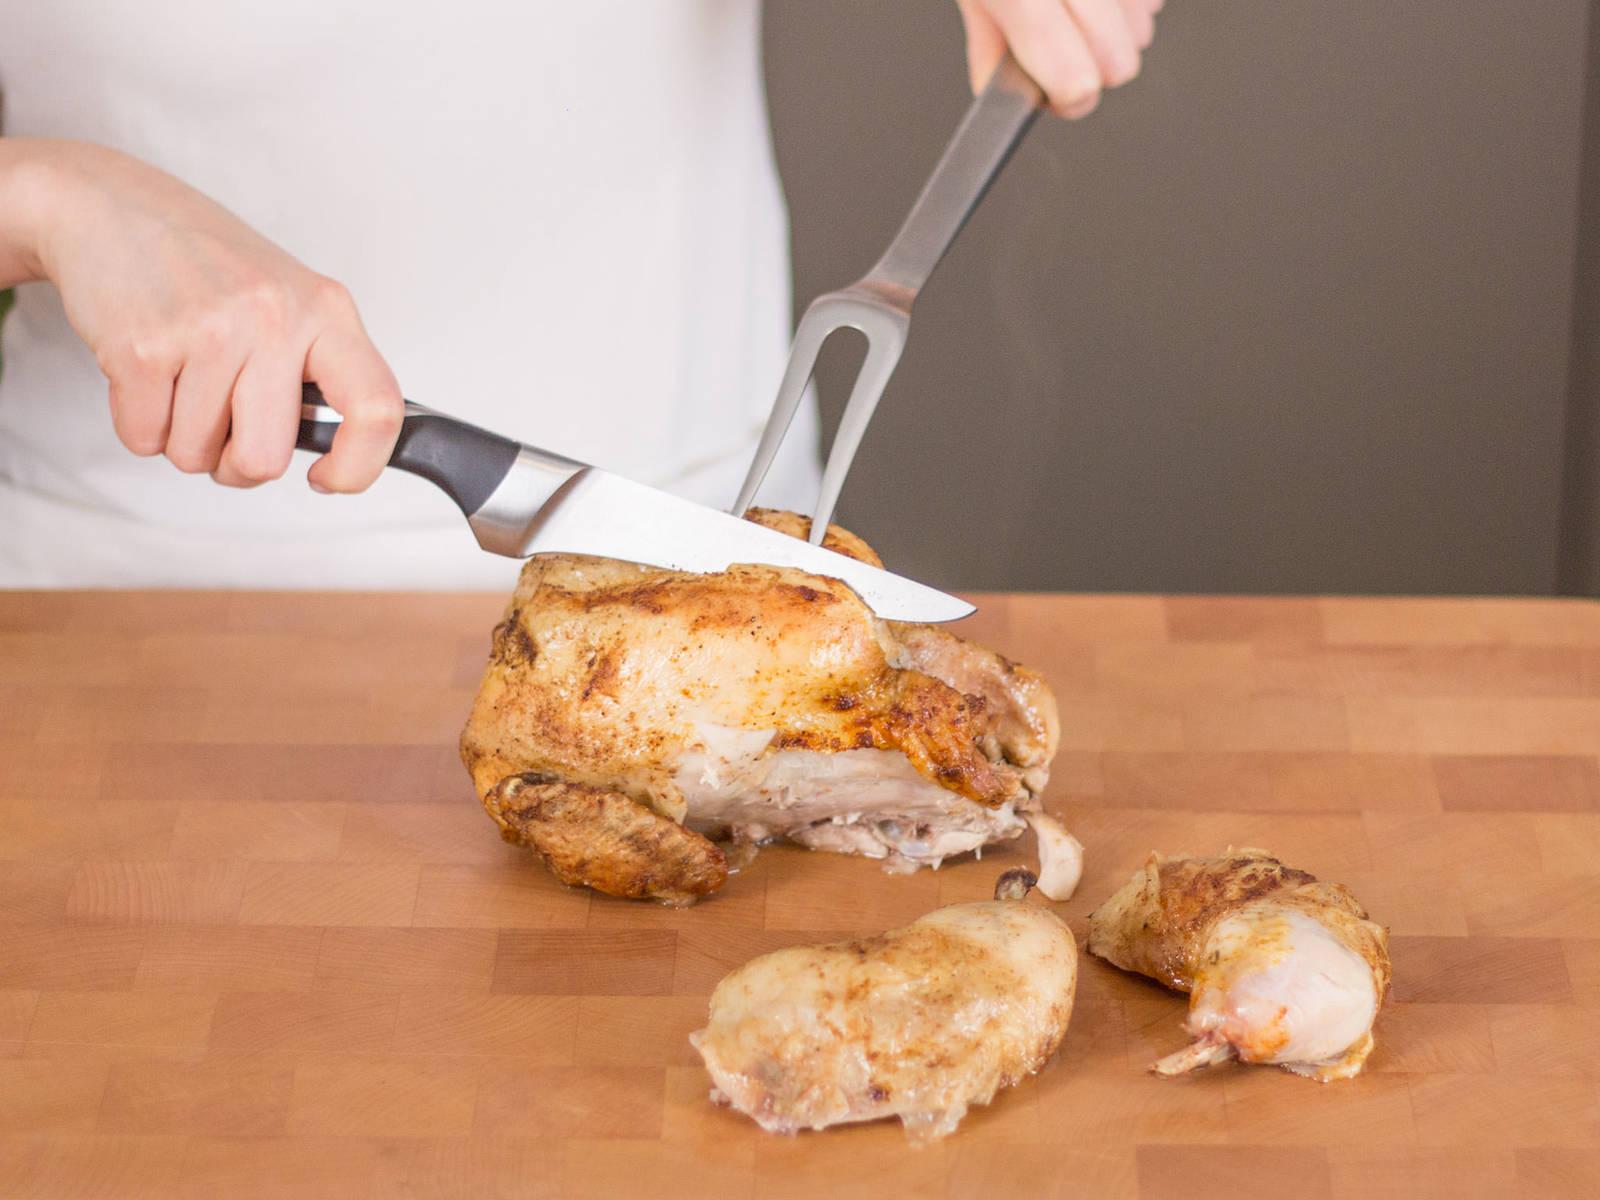 Hühnchen aus dem Backofen nehmen und ca. 5 – 10 Min. abkühlen lassen. Anschließend Huhn nach Wunsch portionieren.